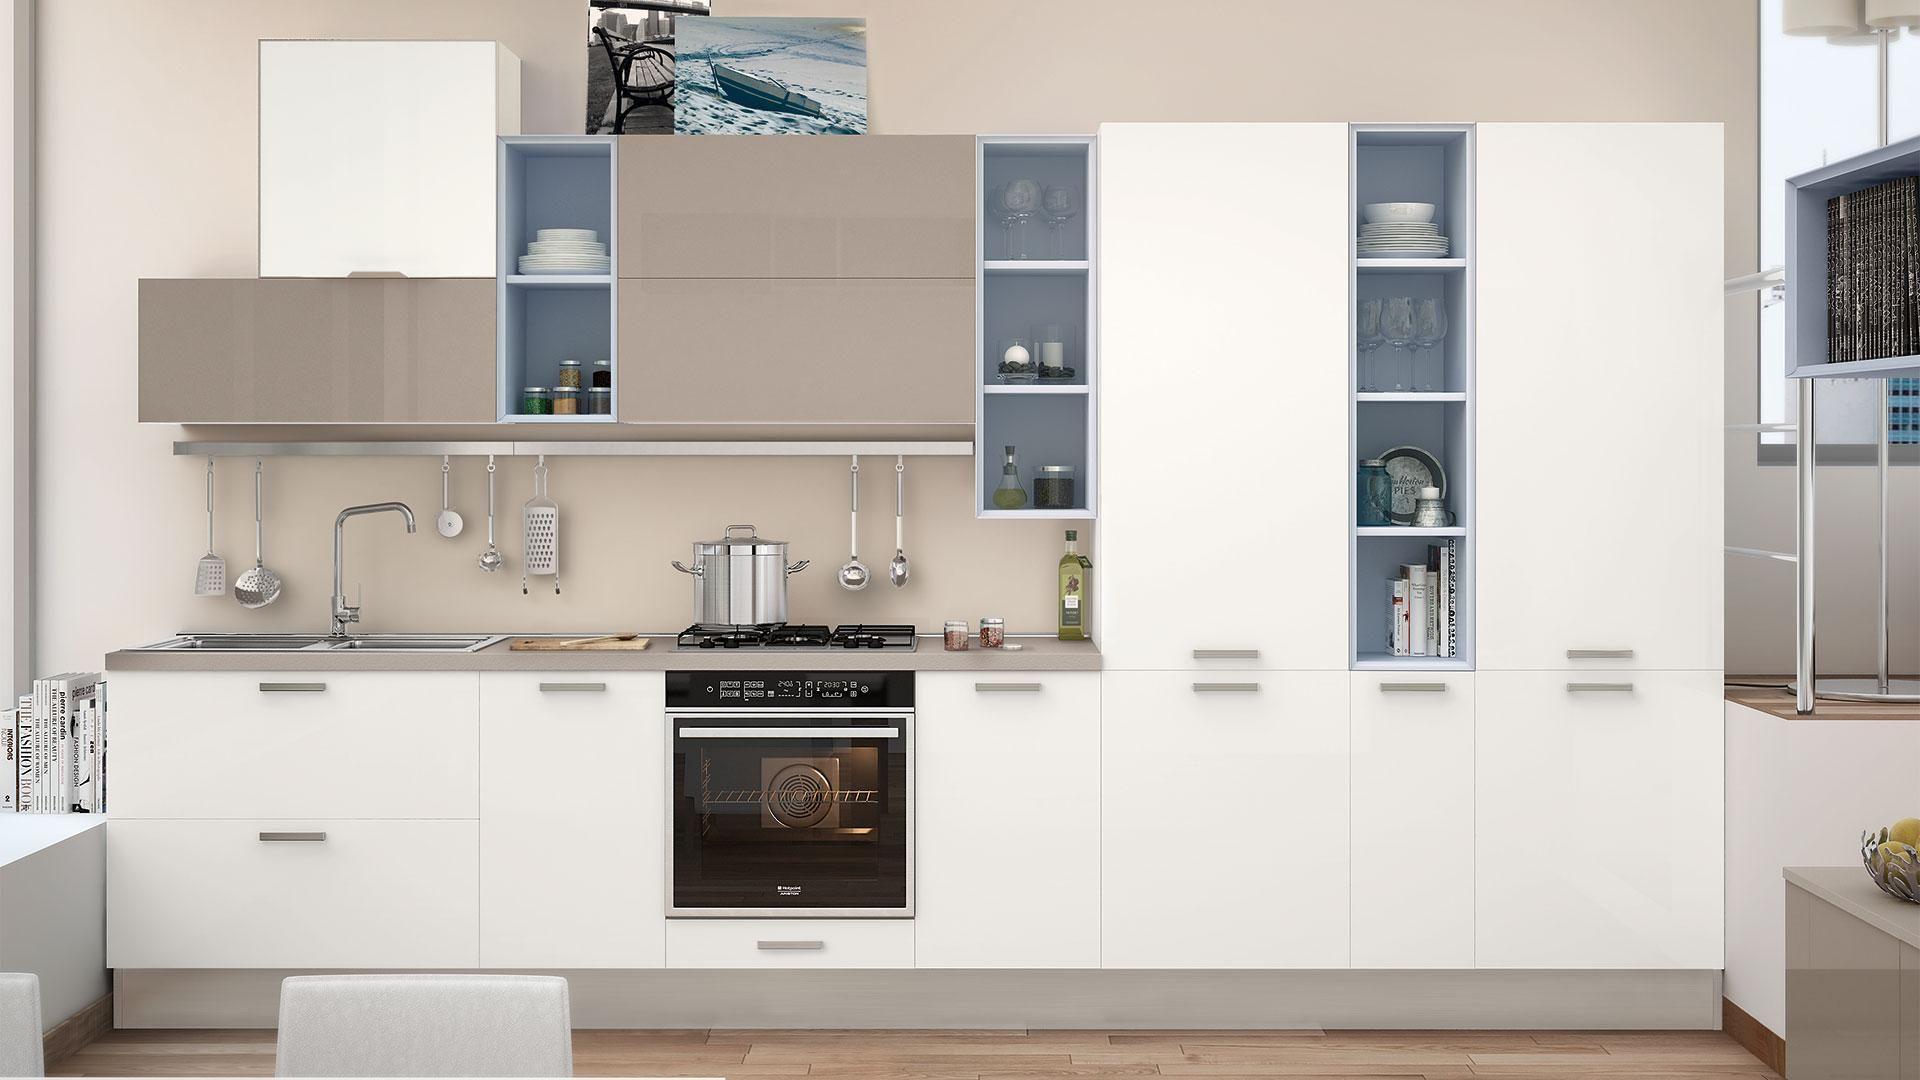 Noemi - Cucine Moderne - Cucine Lube | Progettazione di una cucina ...